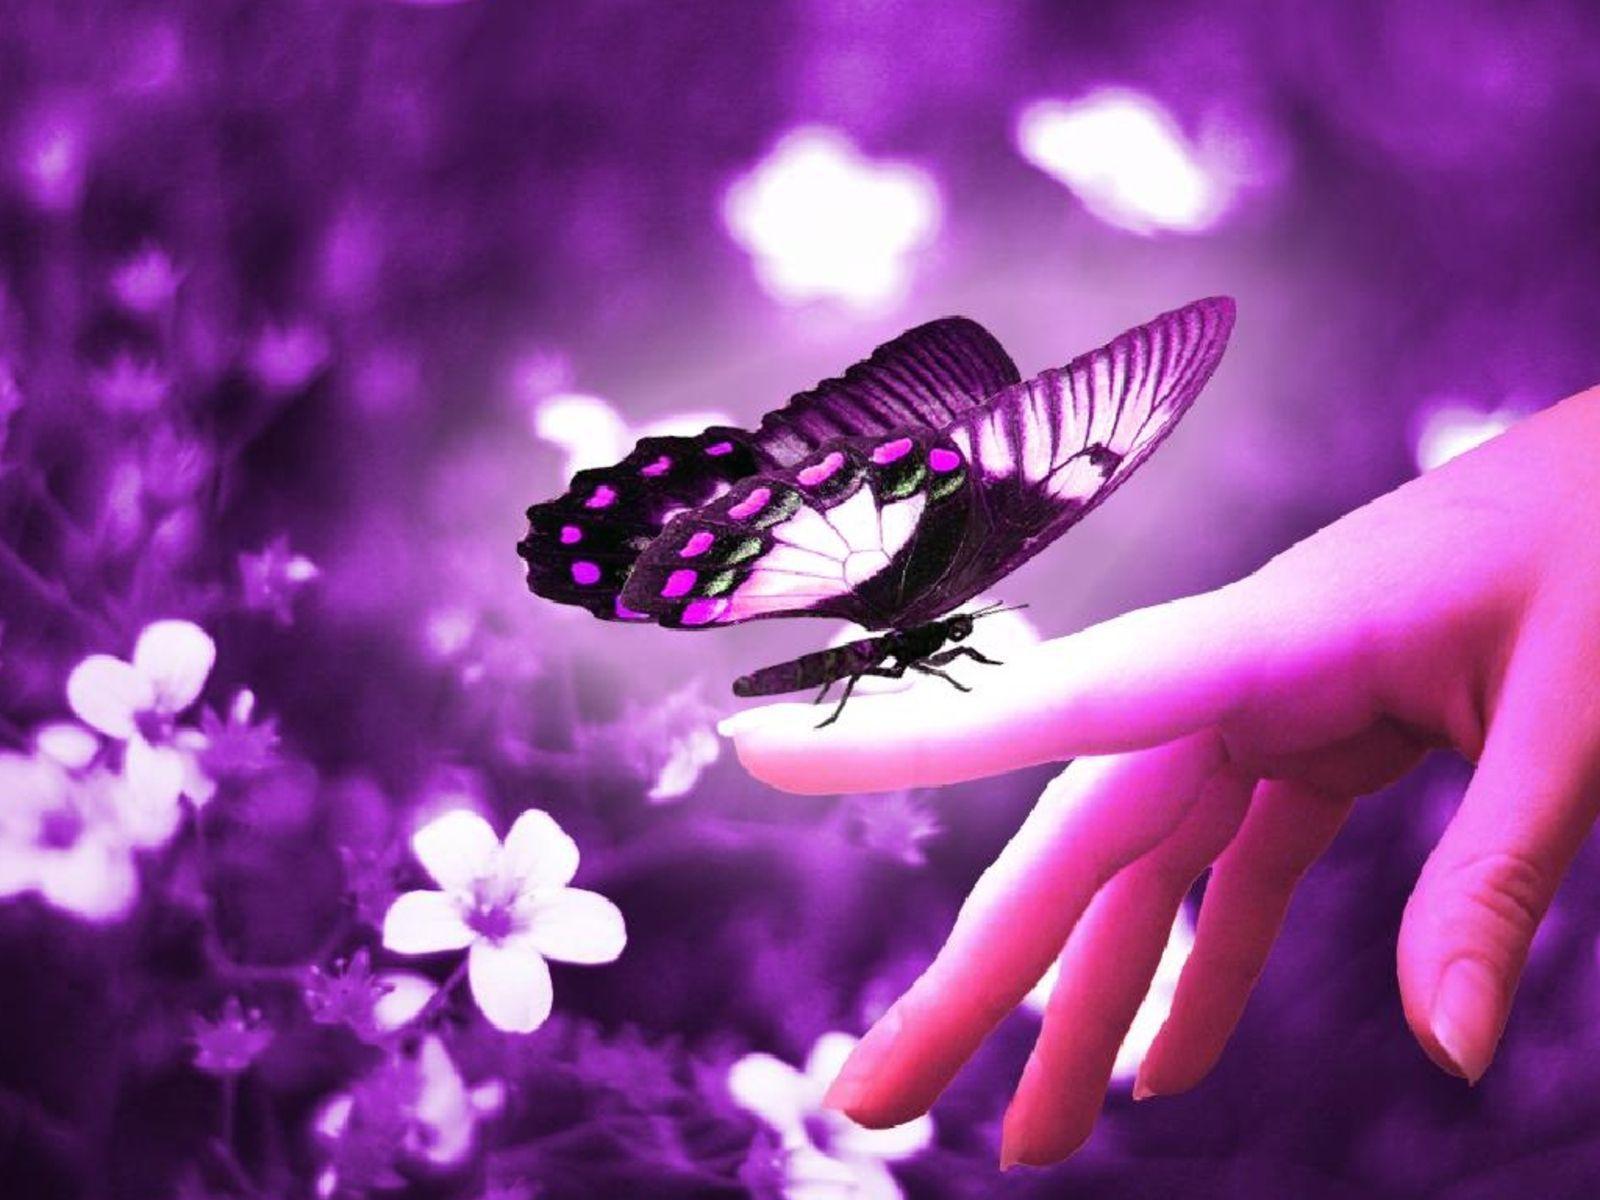 38 best butterflies images on Pinterest